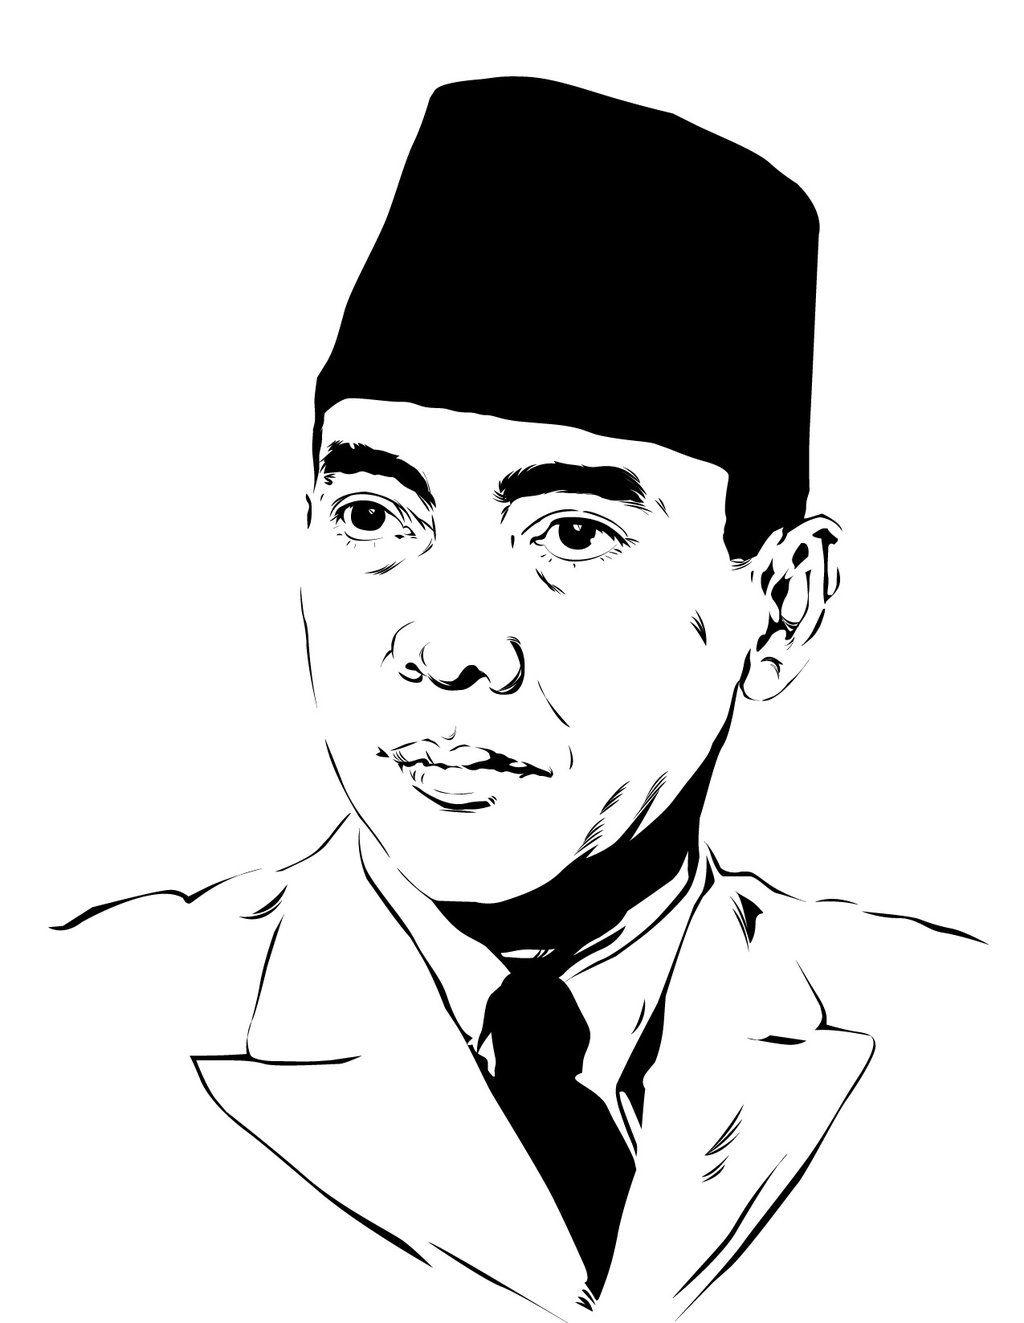 Gambar Tokoh Pahlawan Kemerdekaan